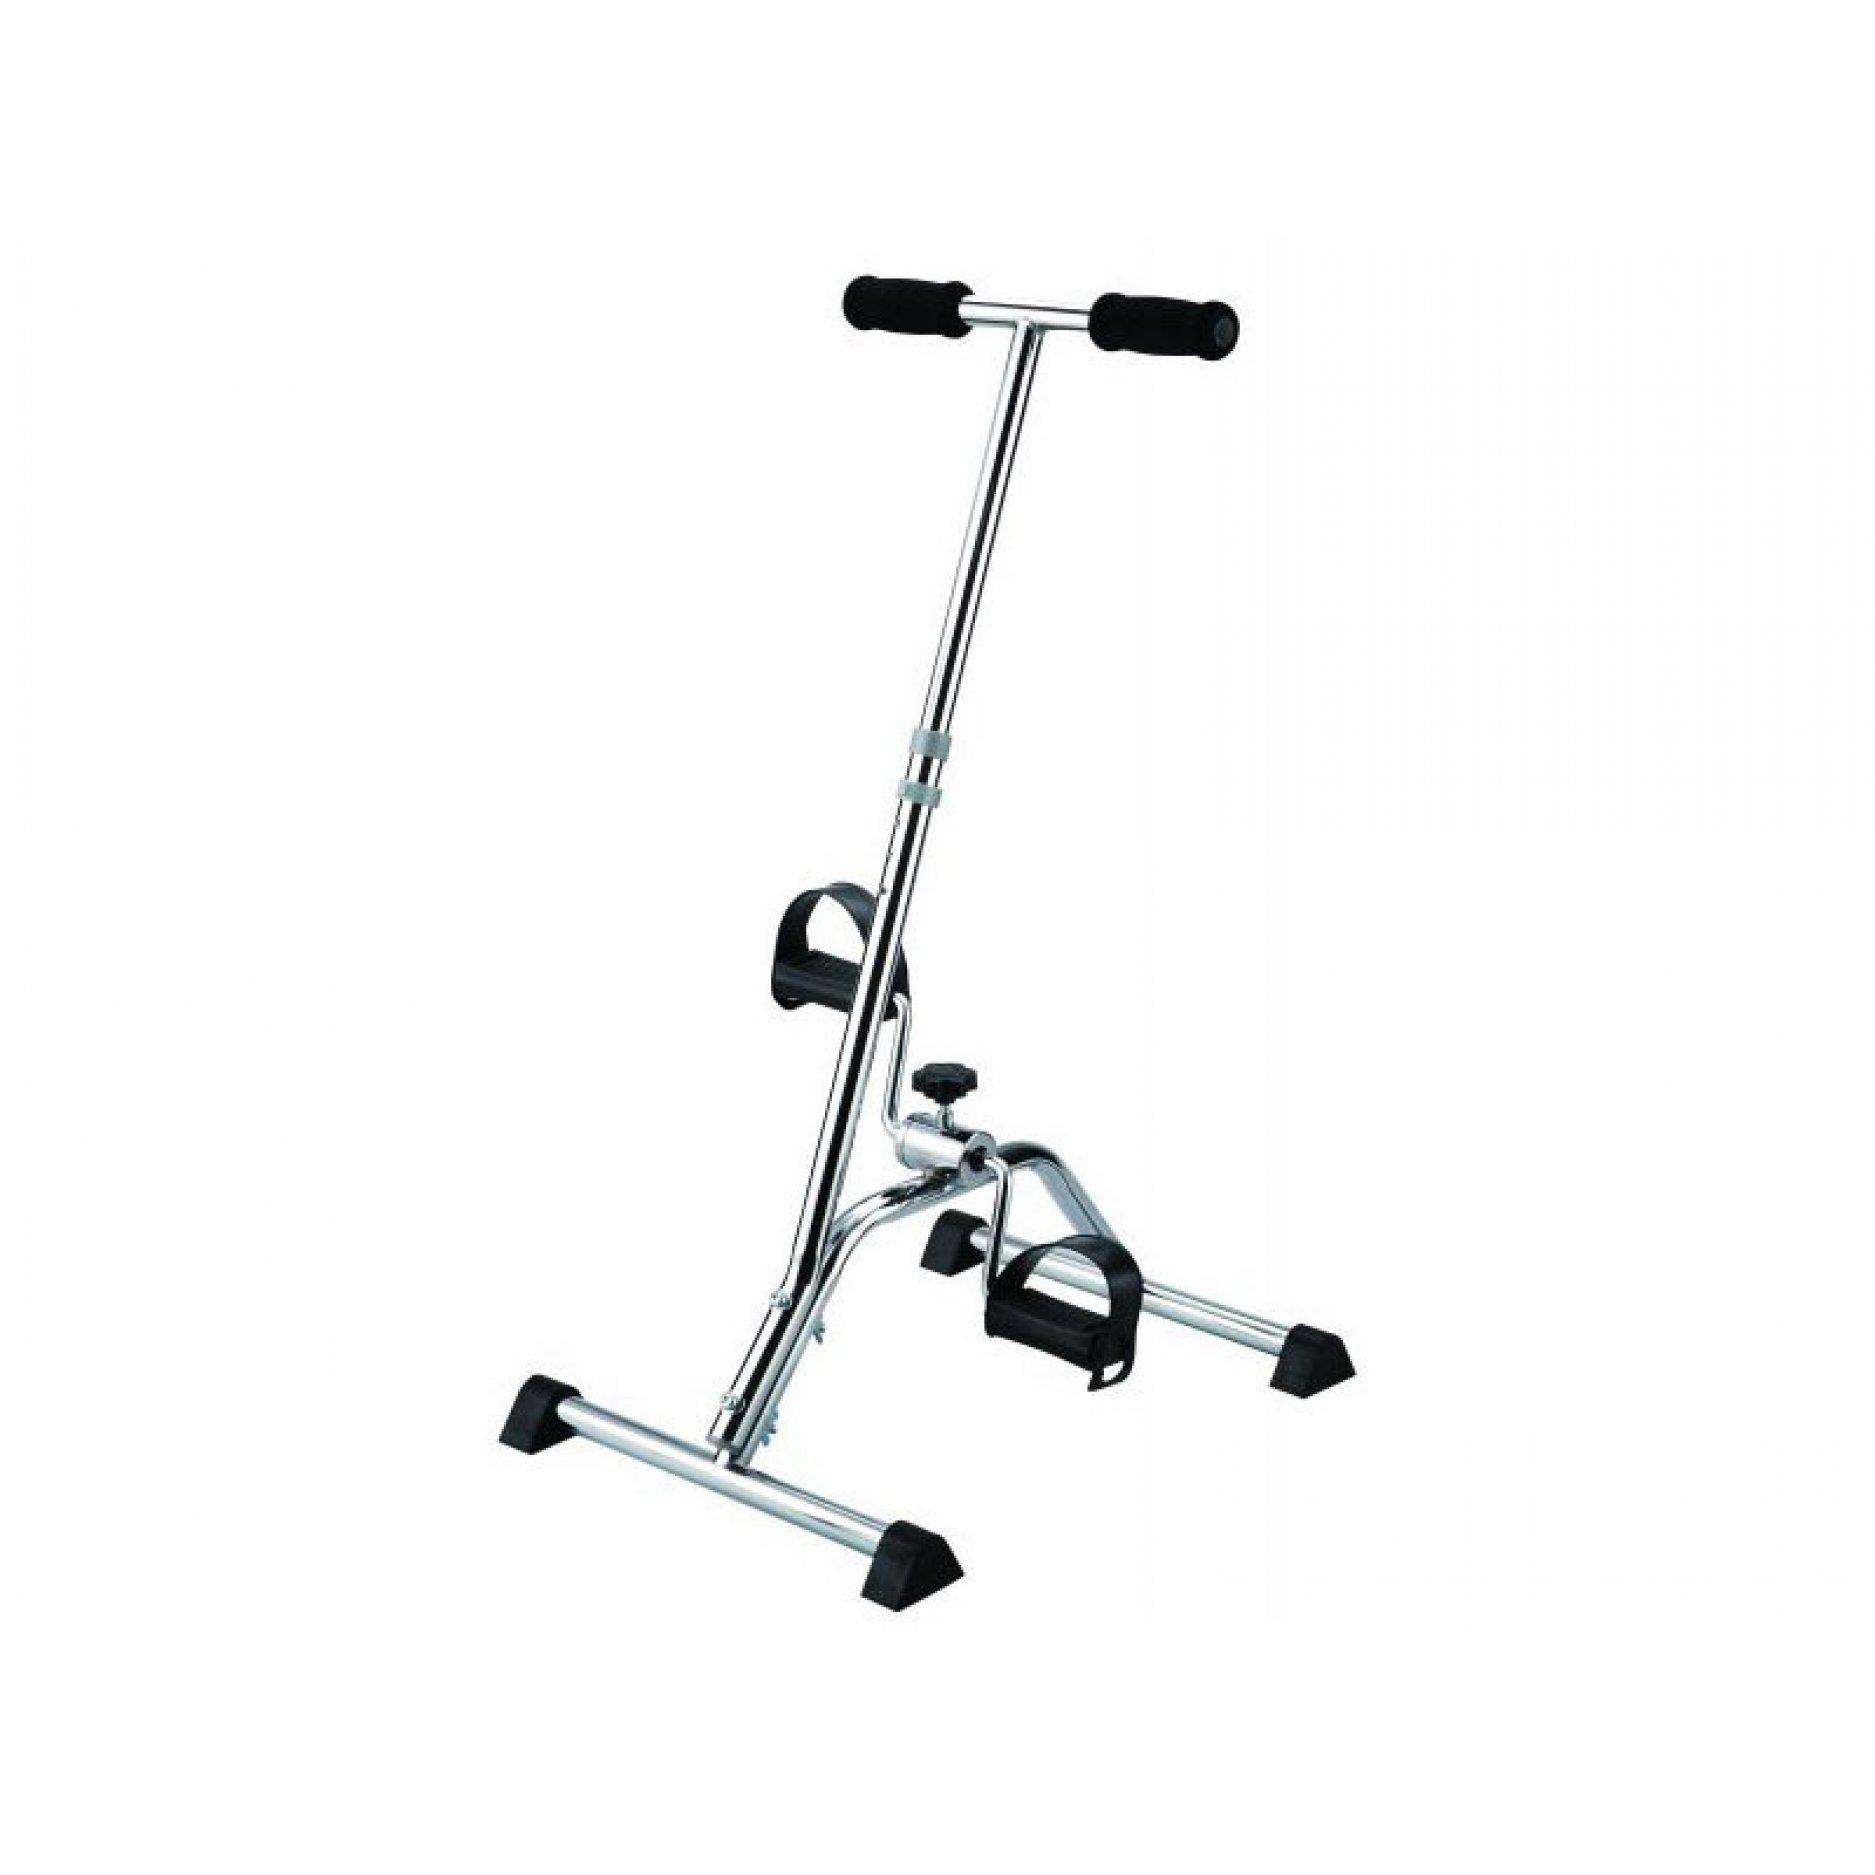 """Складной велотренажер (простой педальный тренажер) Titan """"MINI-BIKE"""" c рукояткой LY-901-A"""